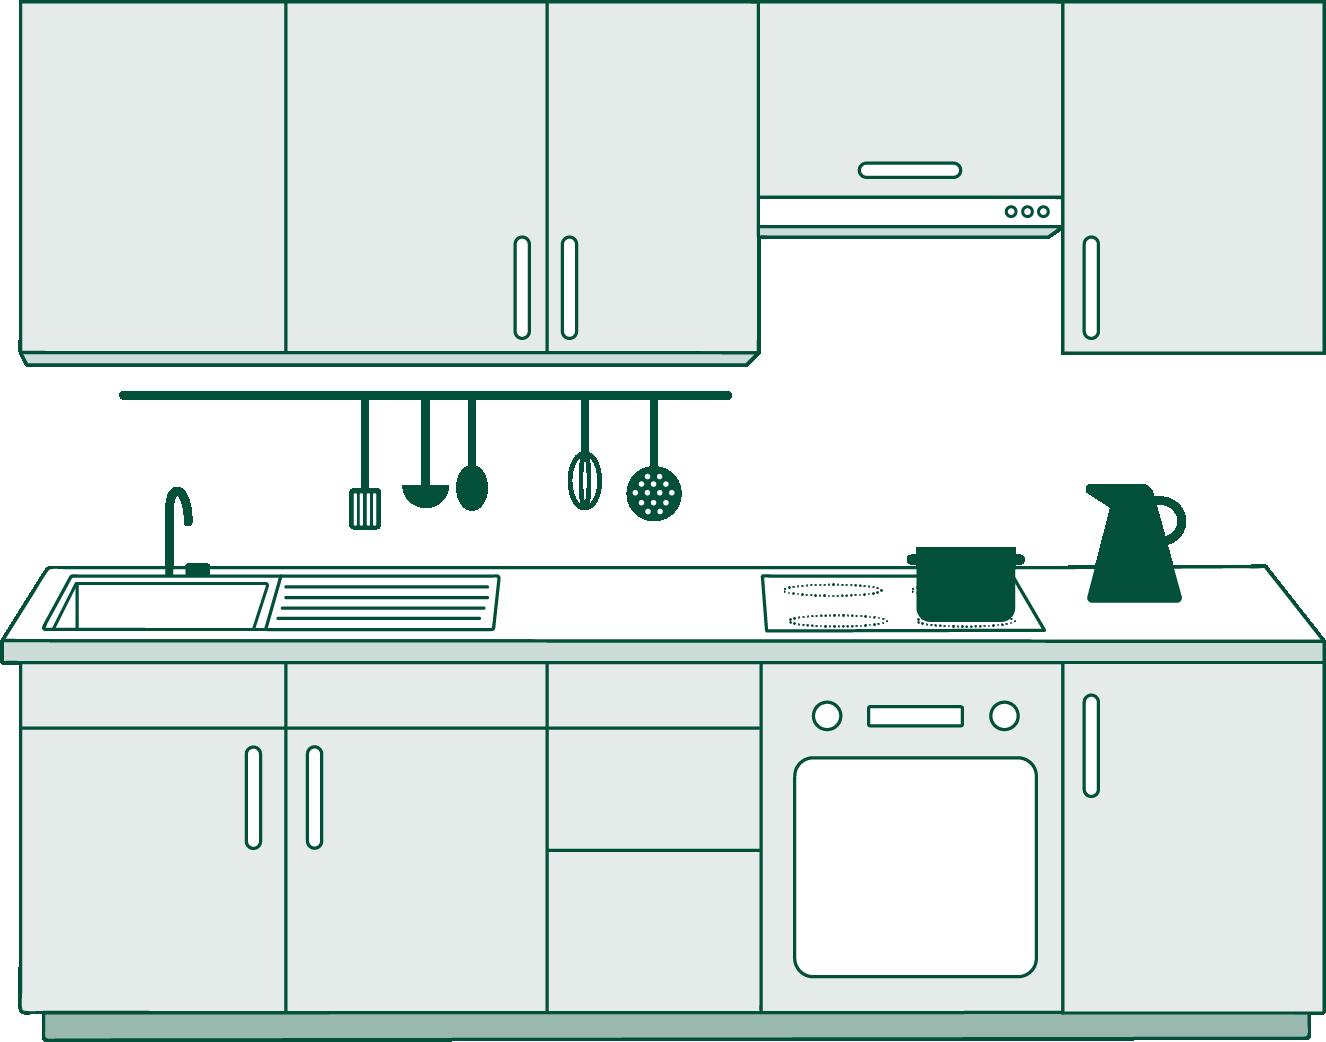 Full Size of Küche Gebraucht Kaufen Gebrauchte Kchen Traum Fr Alle Aroundhome Mit Elektrogeräten Regale Salamander Hängeschrank Höhe Pantryküche Billige Günstig Sofa Wohnzimmer Küche Gebraucht Kaufen